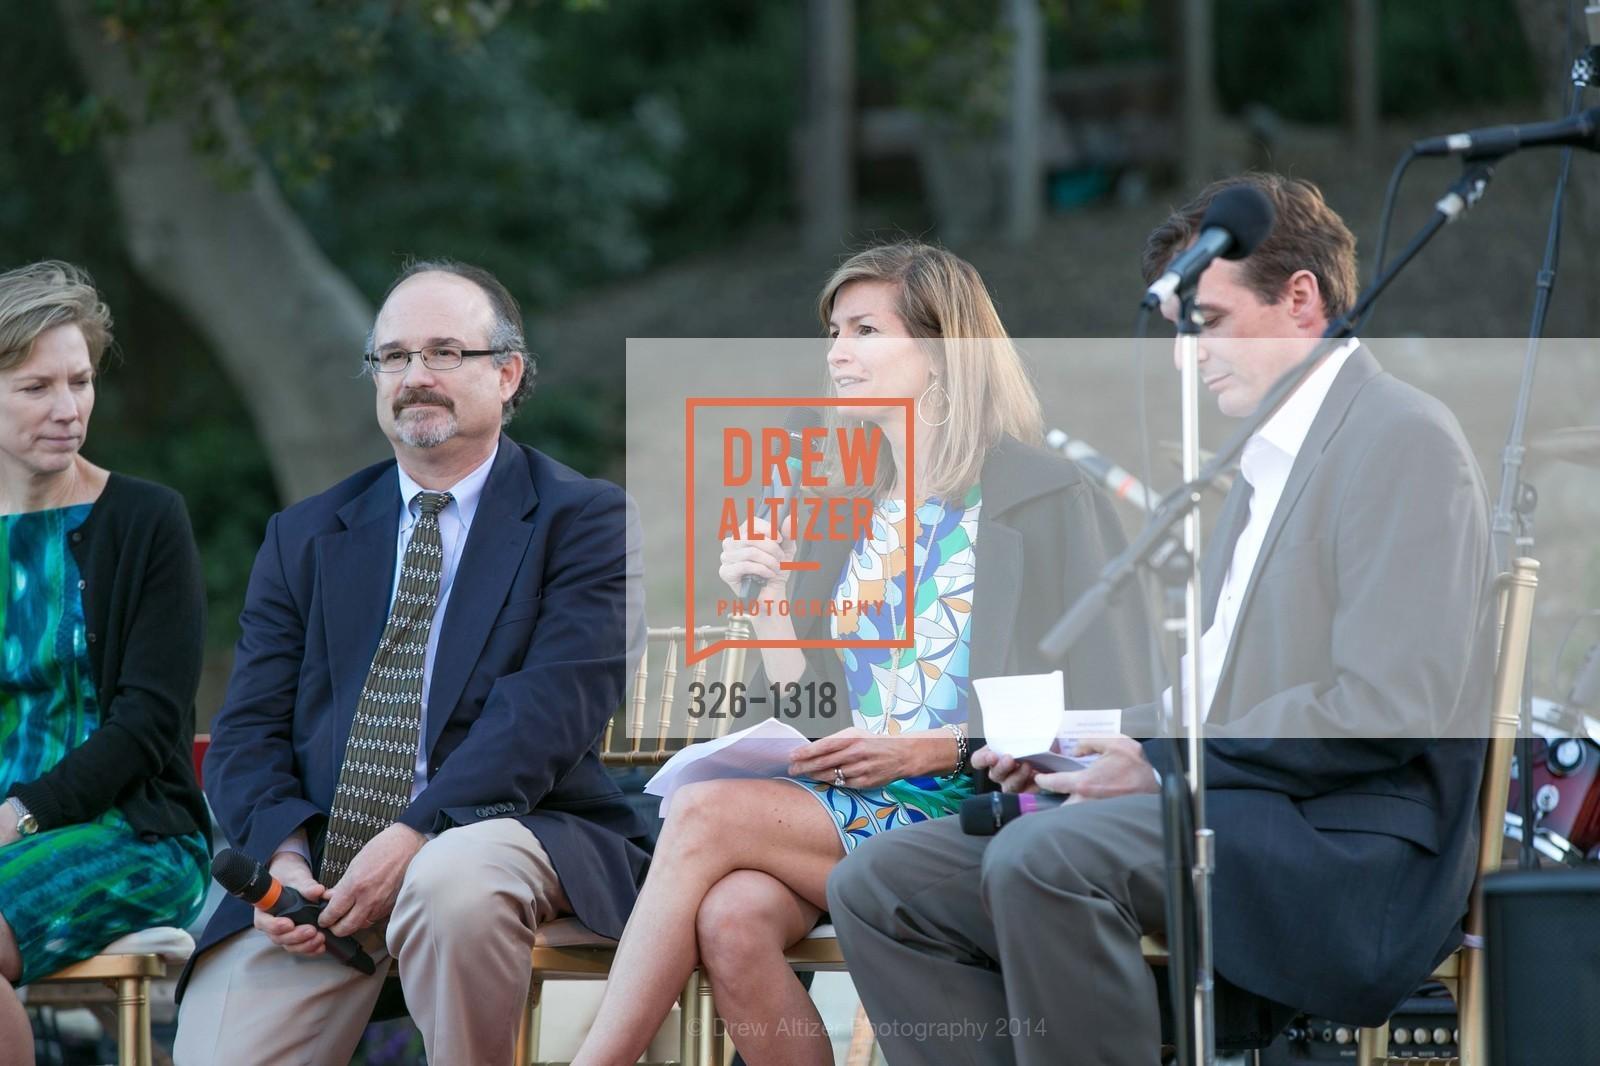 Wendy Adams, John Aucott, Carin Rollins, William Robinson, Photo #326-1318